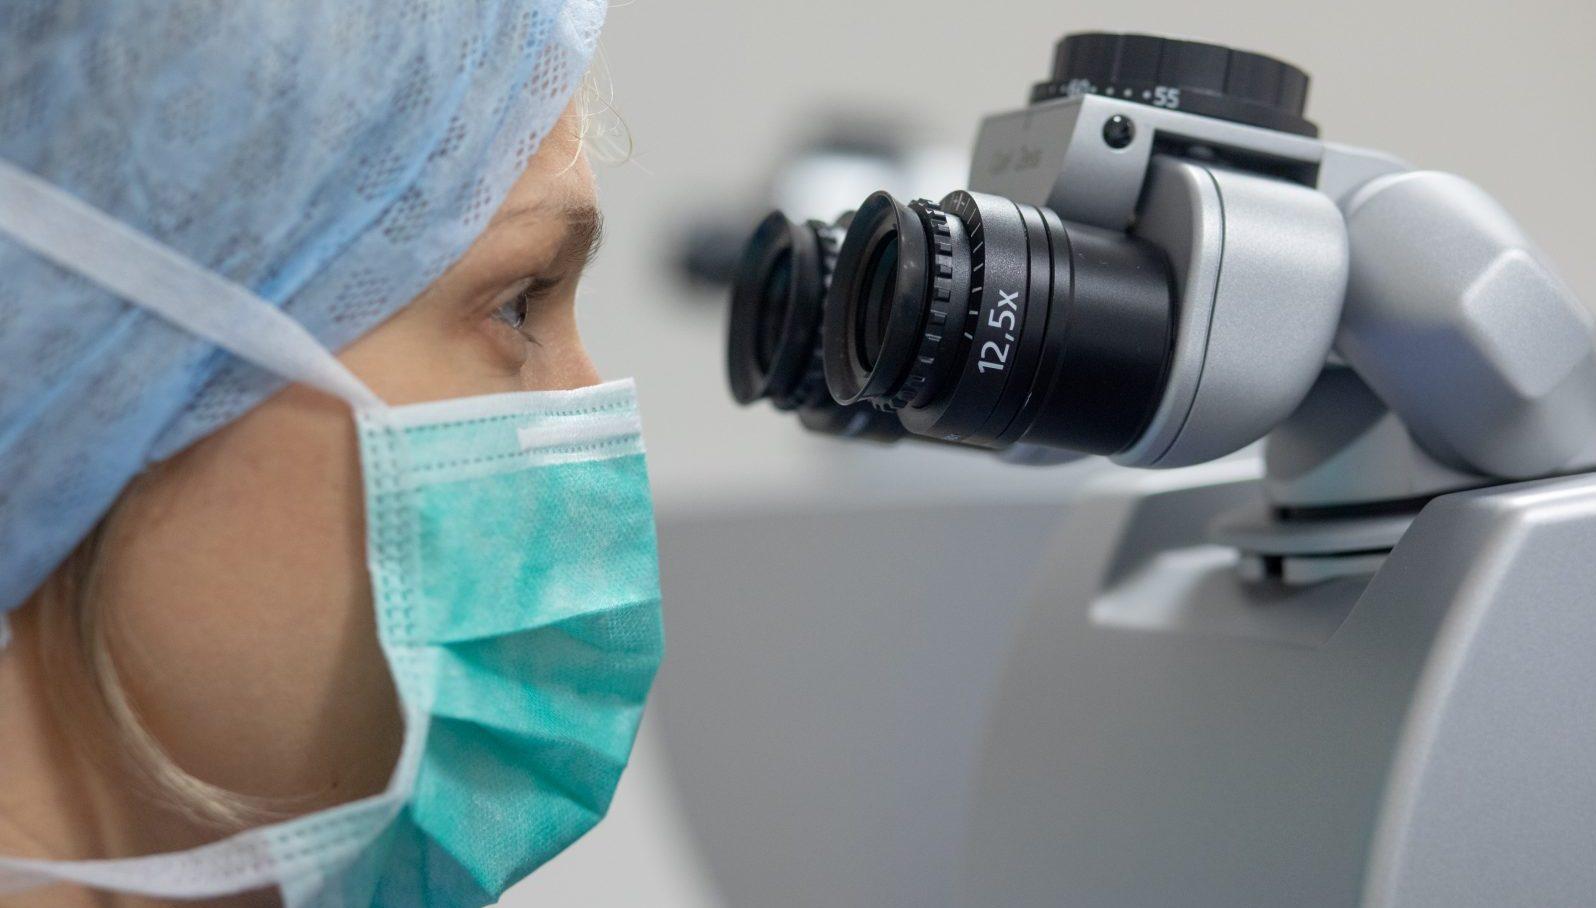 Werbeverbot für Ärzte soll gelockert werden - Reporter.lu